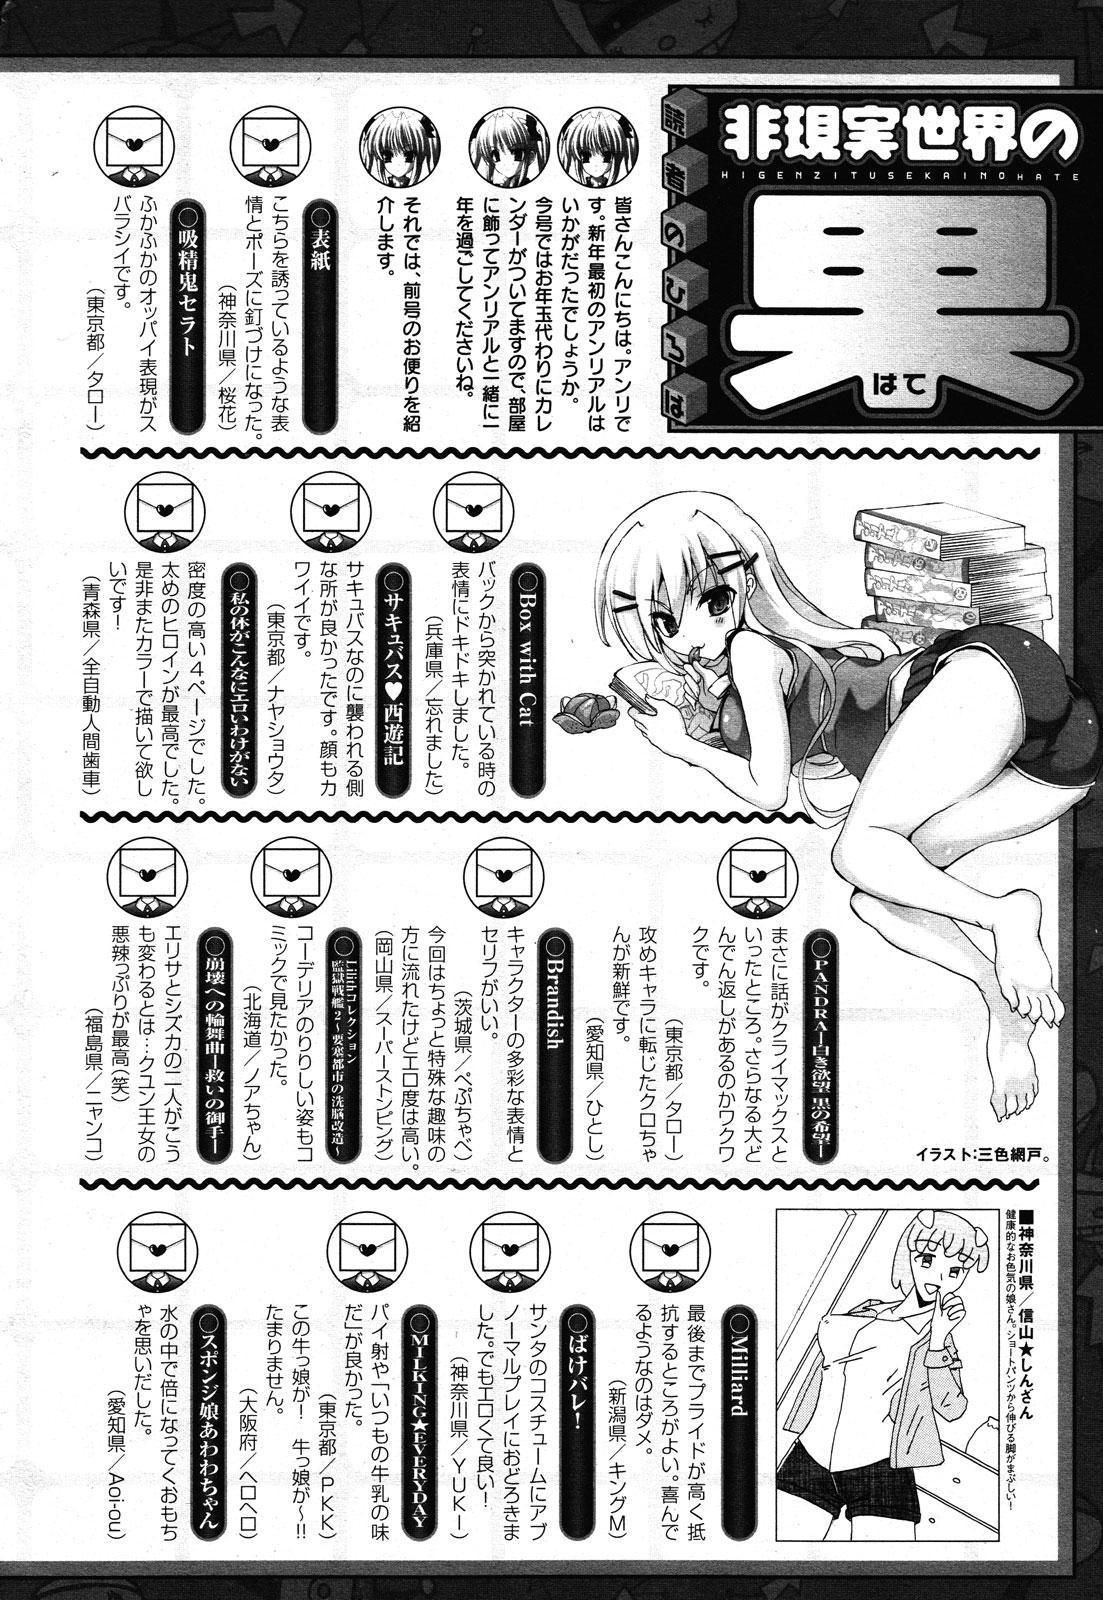 COMIC Unreal 2011-02 Vol. 29 + Mogudan Calendar 2011 447